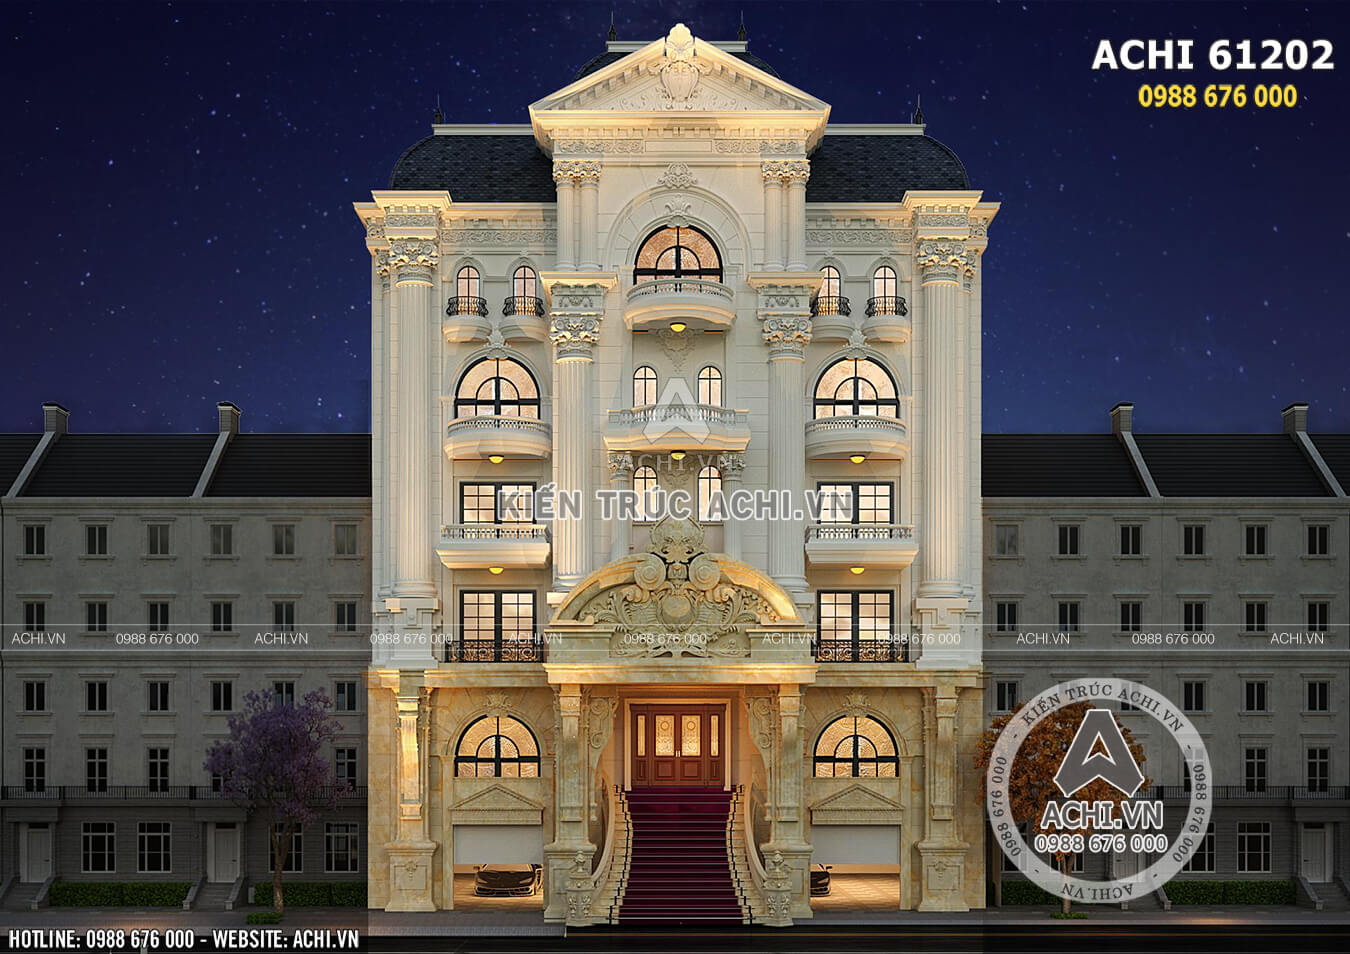 Mặt tiền nổi bật với kiến trúc tân cổ điển sang trọng, đẳng cấp thu hút mọi ánh nhìn người qua đường